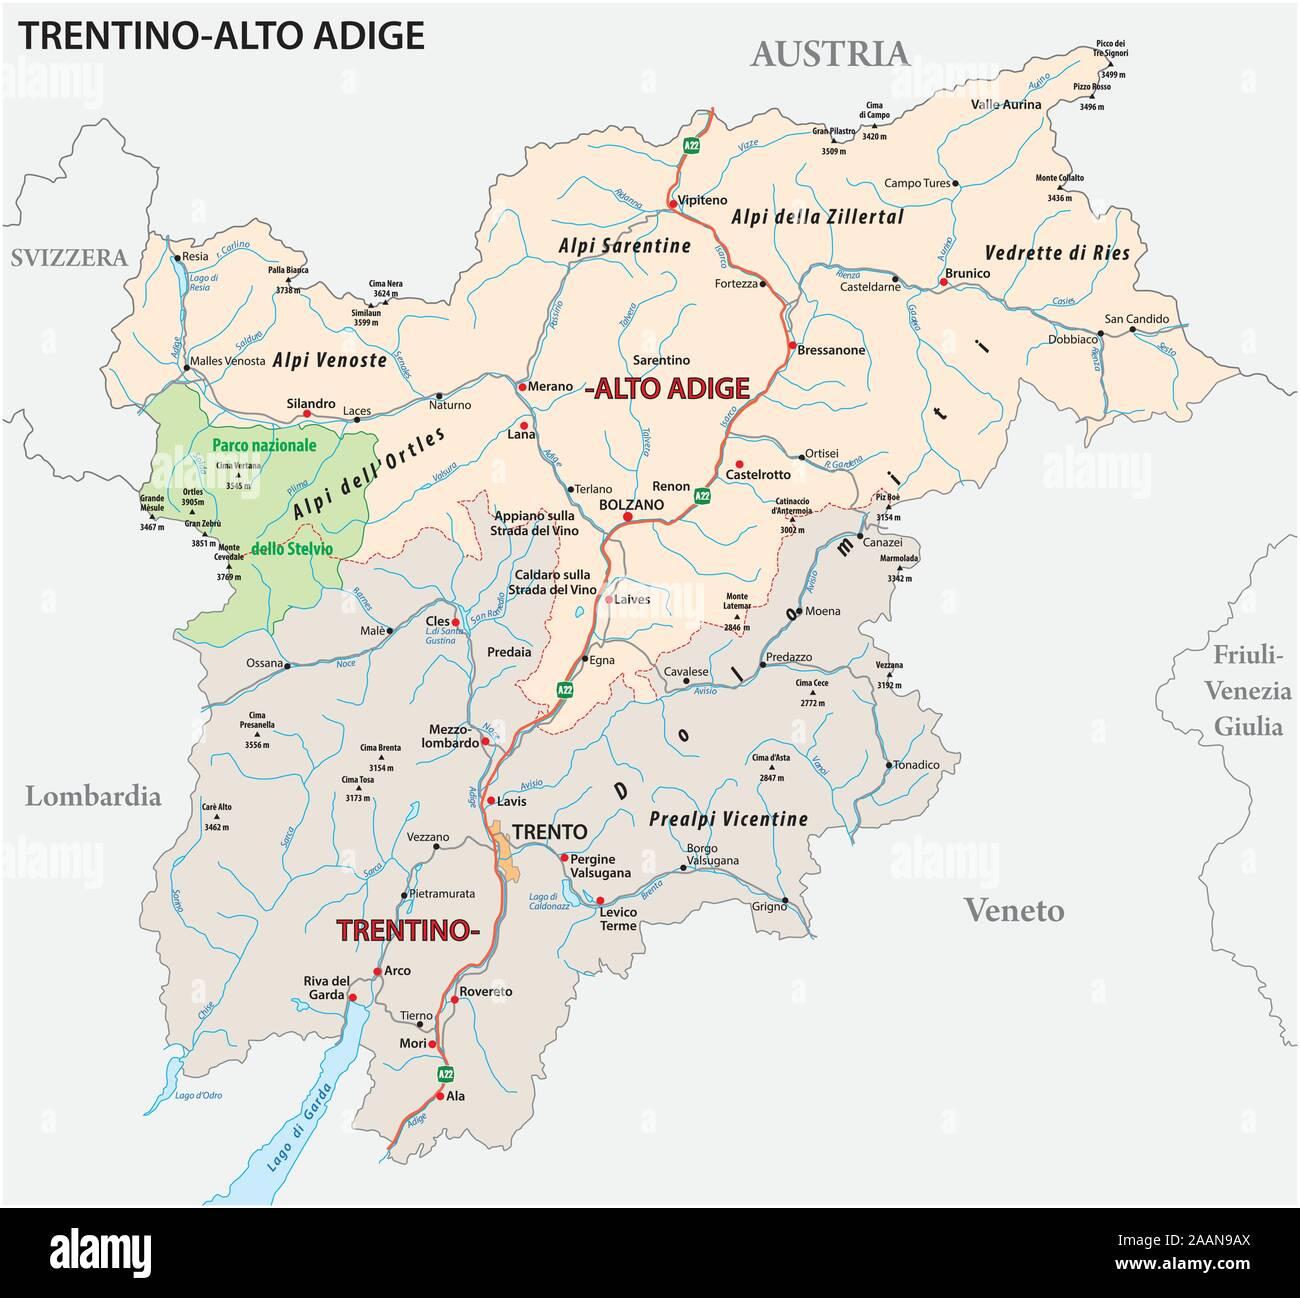 Trentino Alto Adige Cartina Fisica E Politica.Mappa Bolzano Immagini E Fotos Stock Alamy